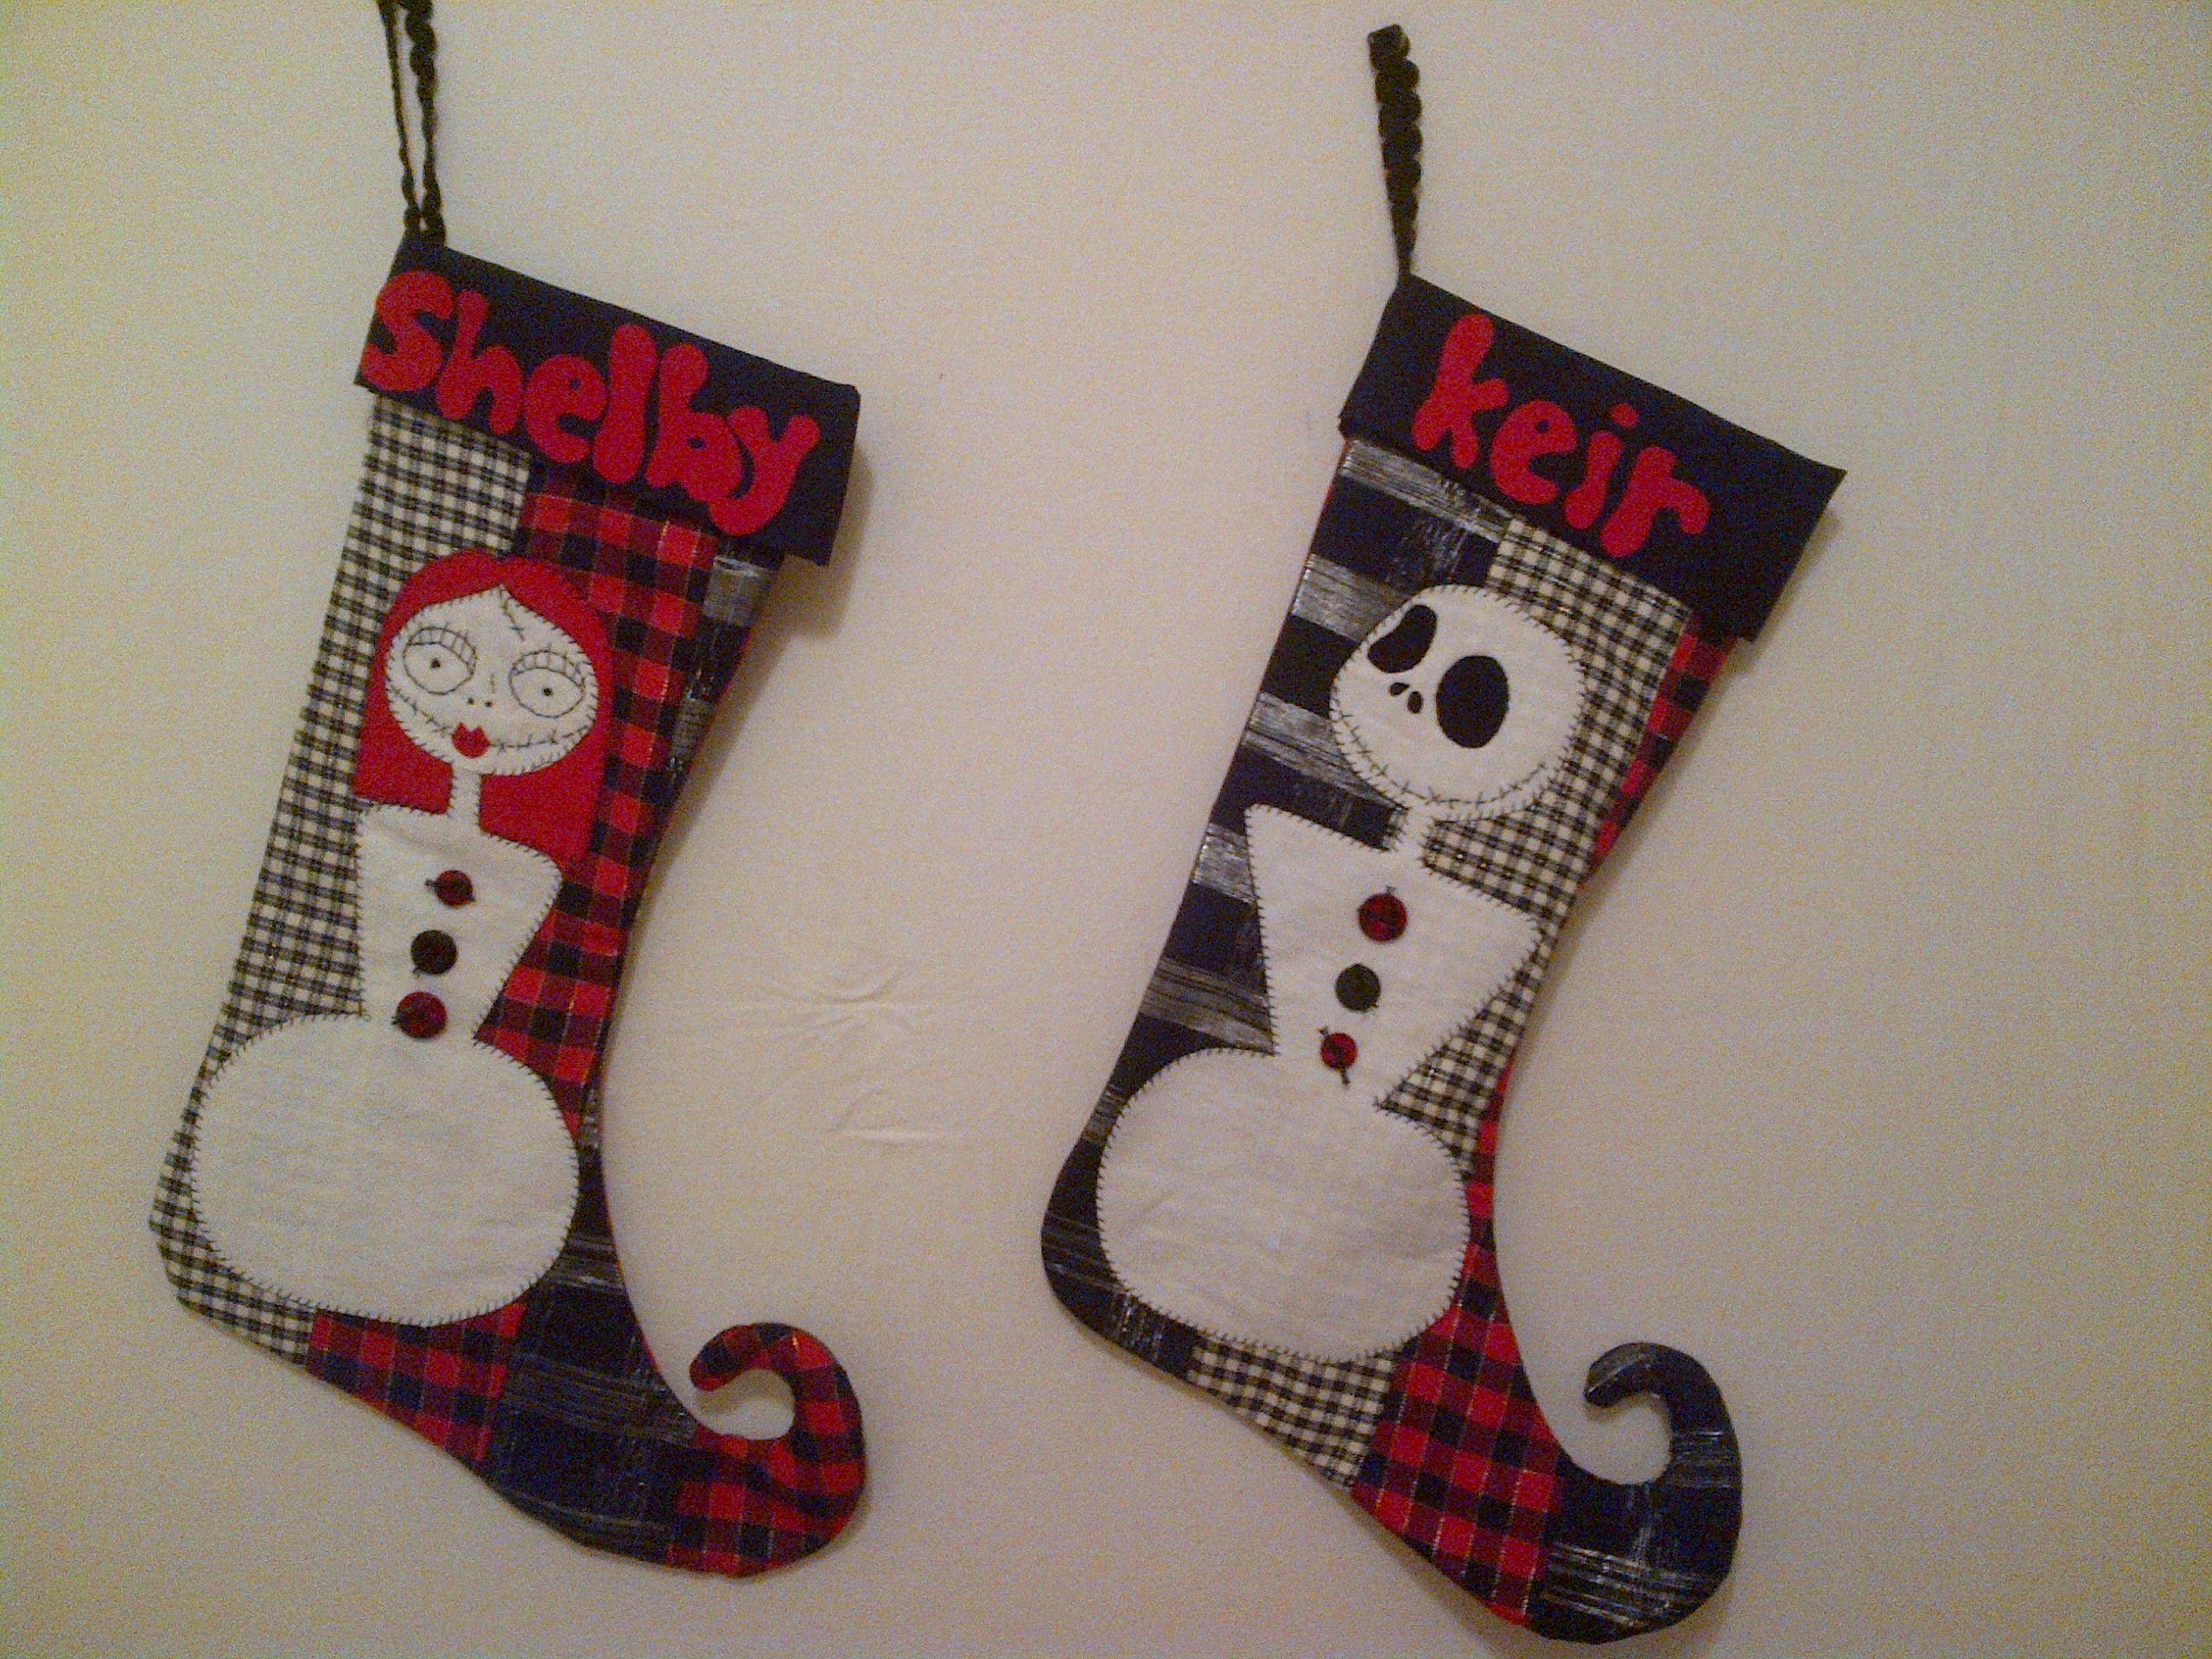 Nightmare before christmas stockings   Mudwmn - Stuff I Make   Pinterest